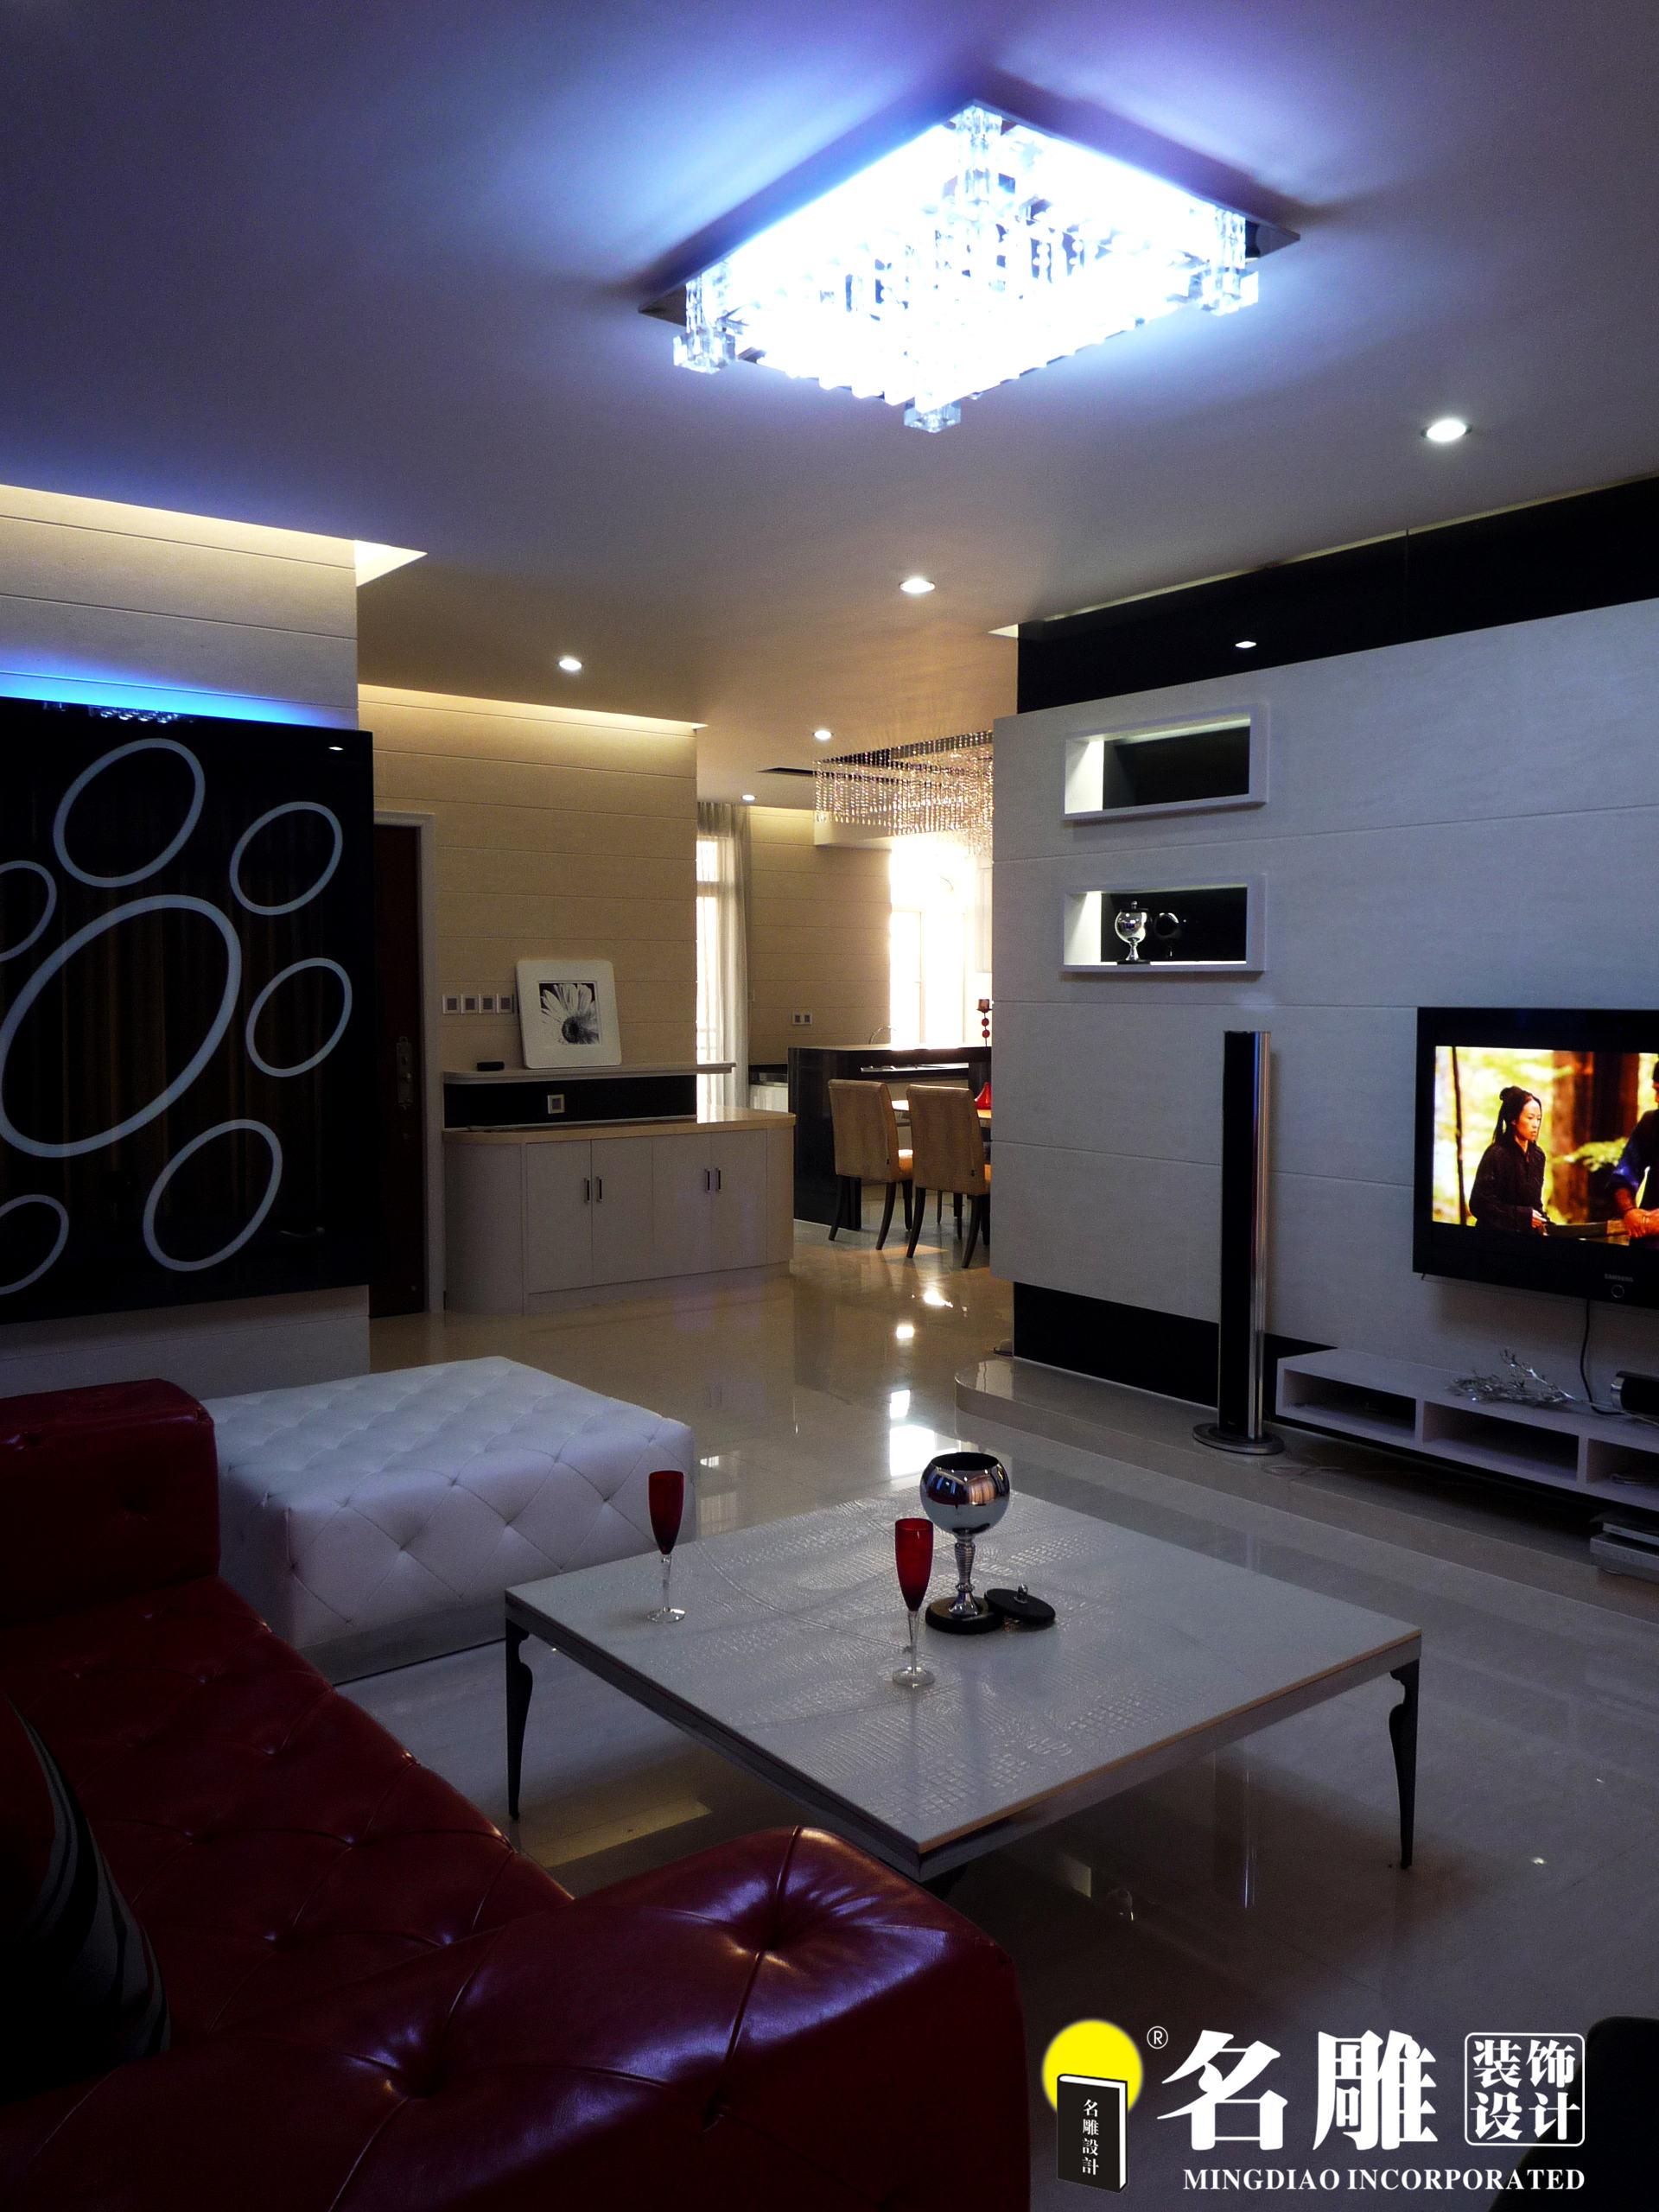 现代 三居 白领 四口之家 时尚个性 名雕装饰 客厅 客厅图片来自名雕装饰设计在枫丹白露现代时尚三居室装修设计的分享